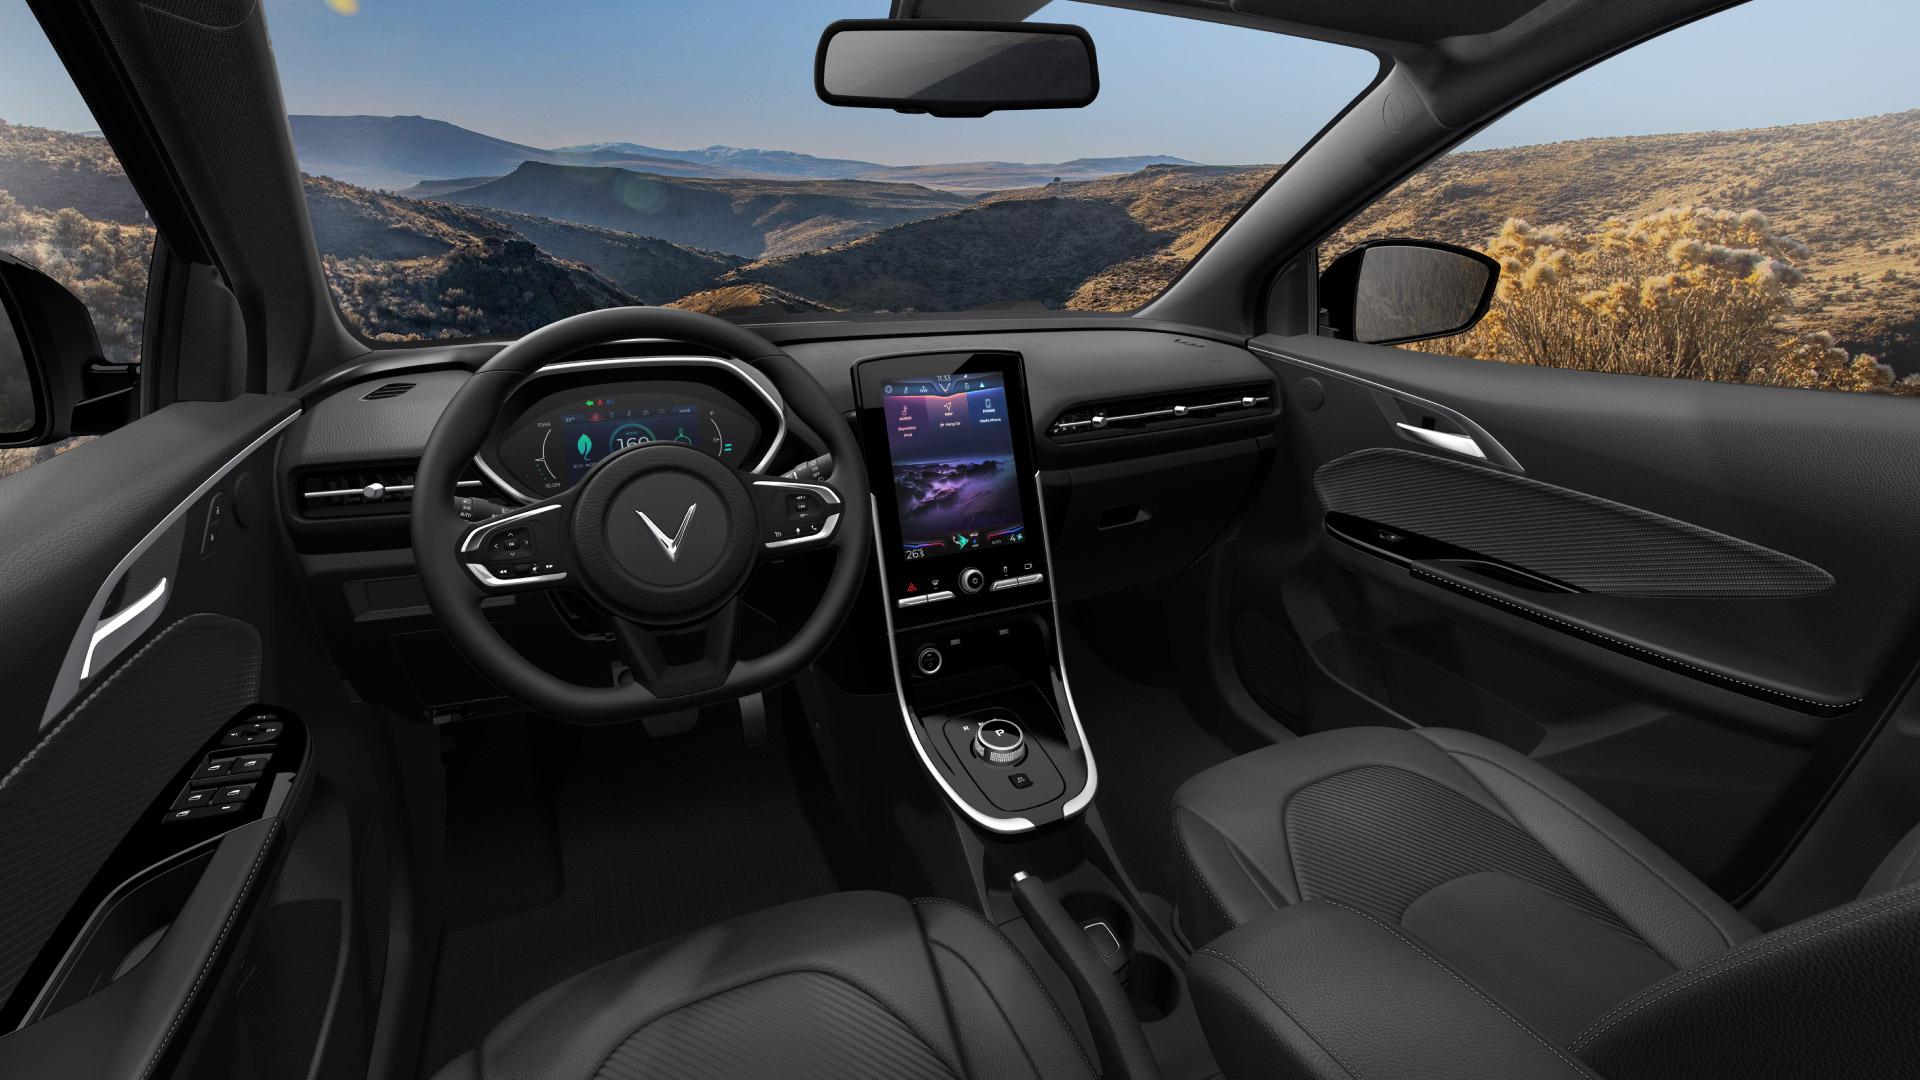 3 ưu điểm an toàn vượt xe xăng của ô tô điện VF34 - Ảnh 4.